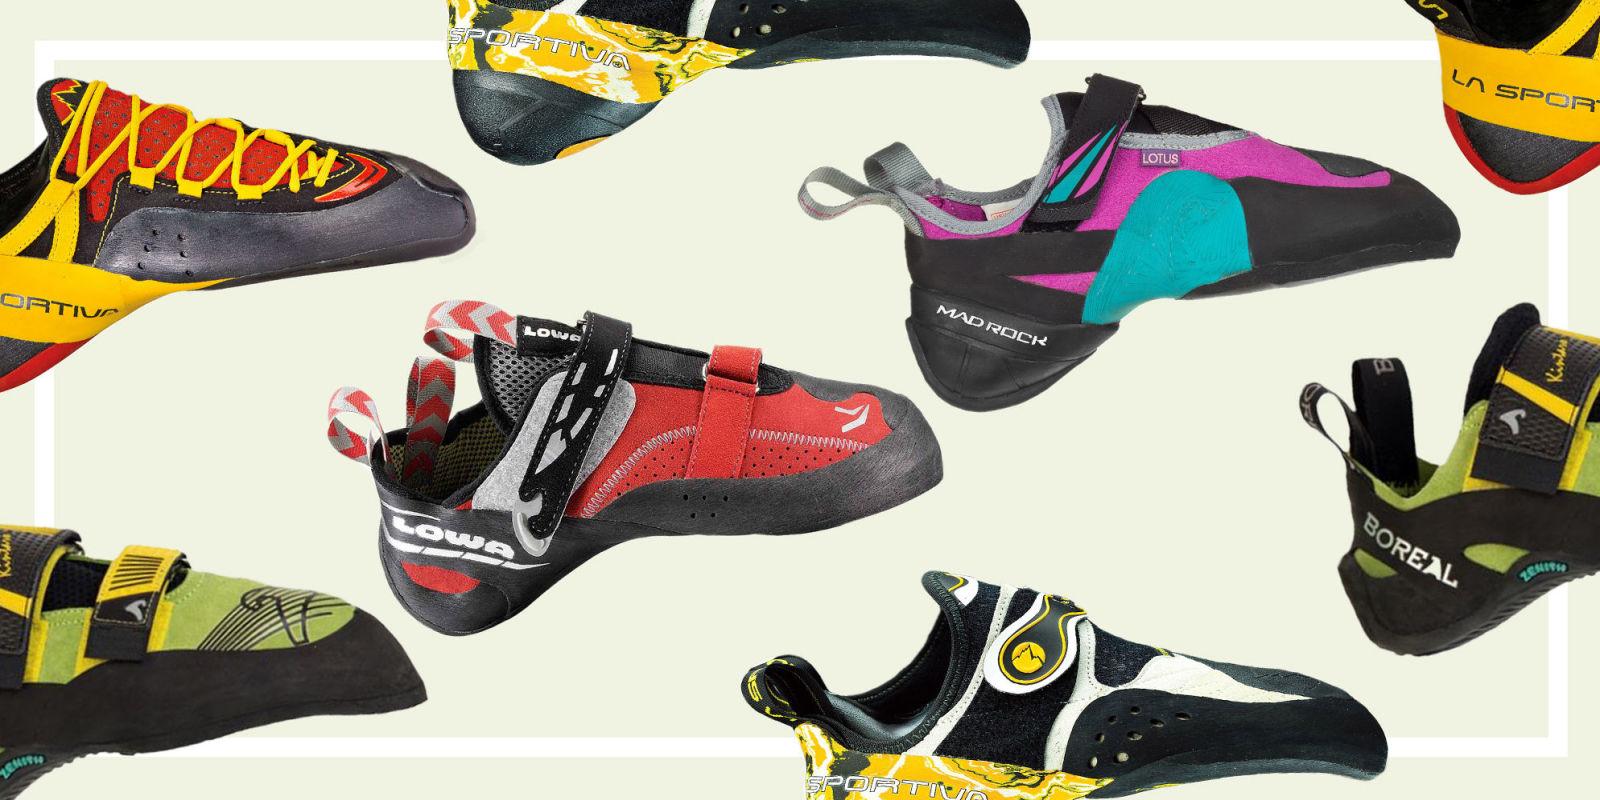 Best Indoor Rock Climbing Shoes